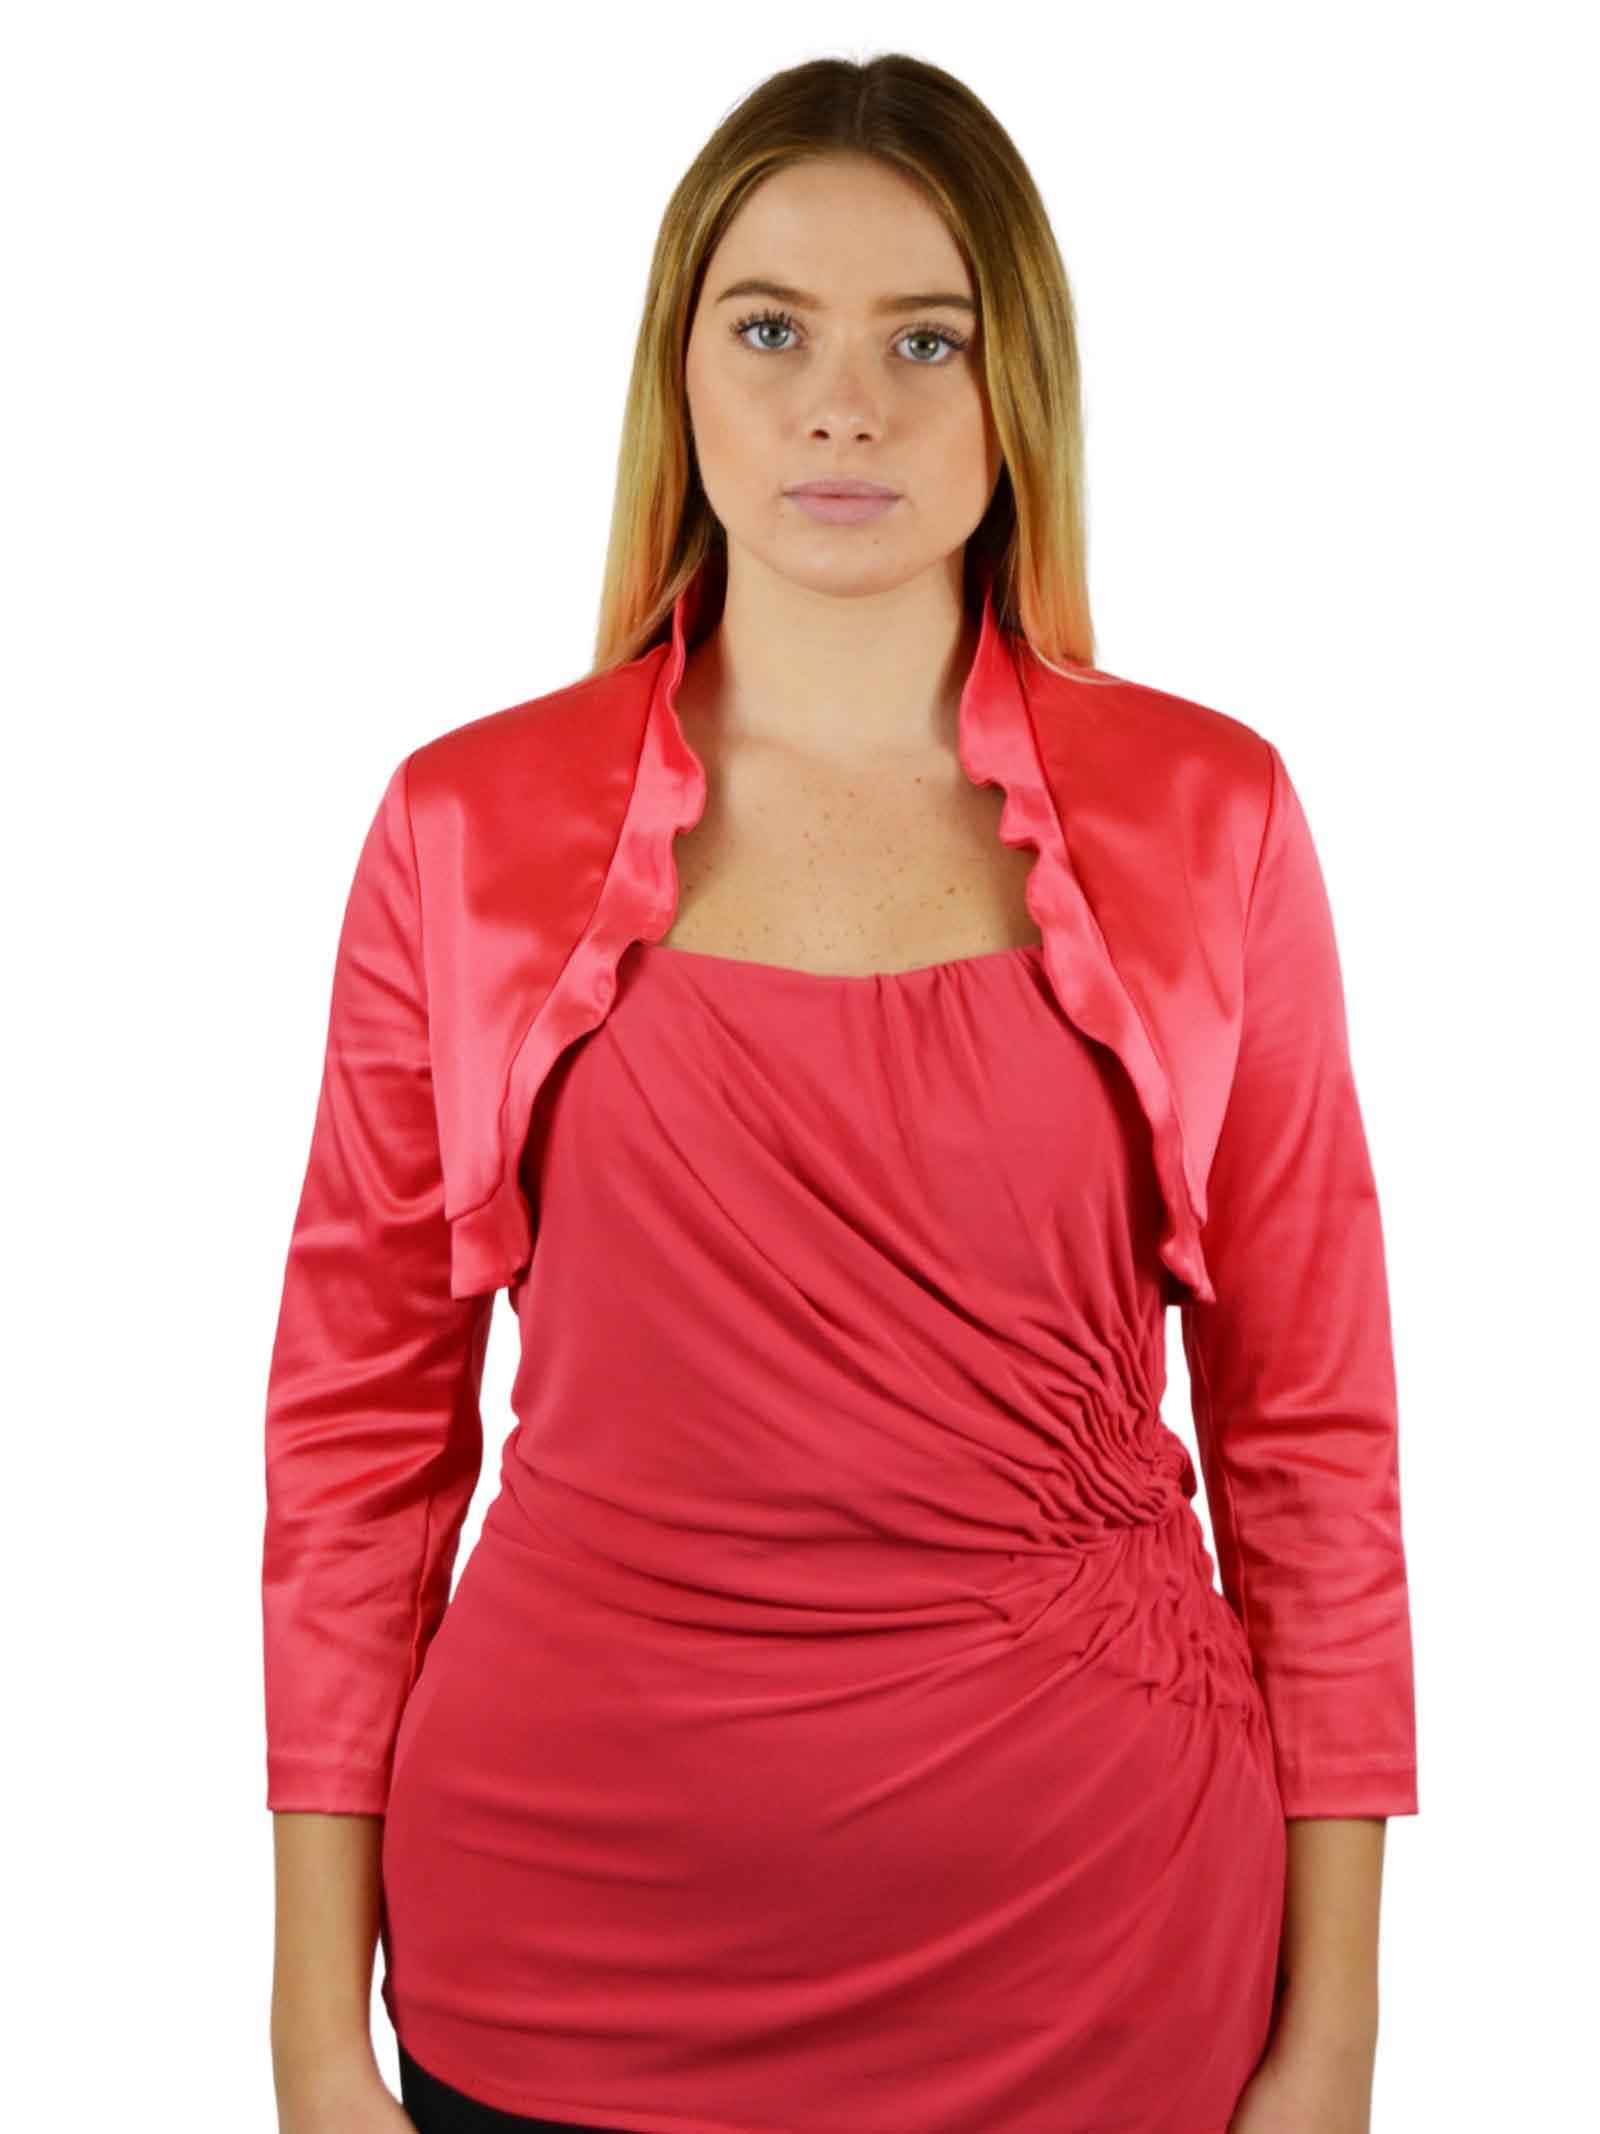 Short bolero Jacket with 34 sleeves  RINASCIMENTO |  | 0707CORALLO